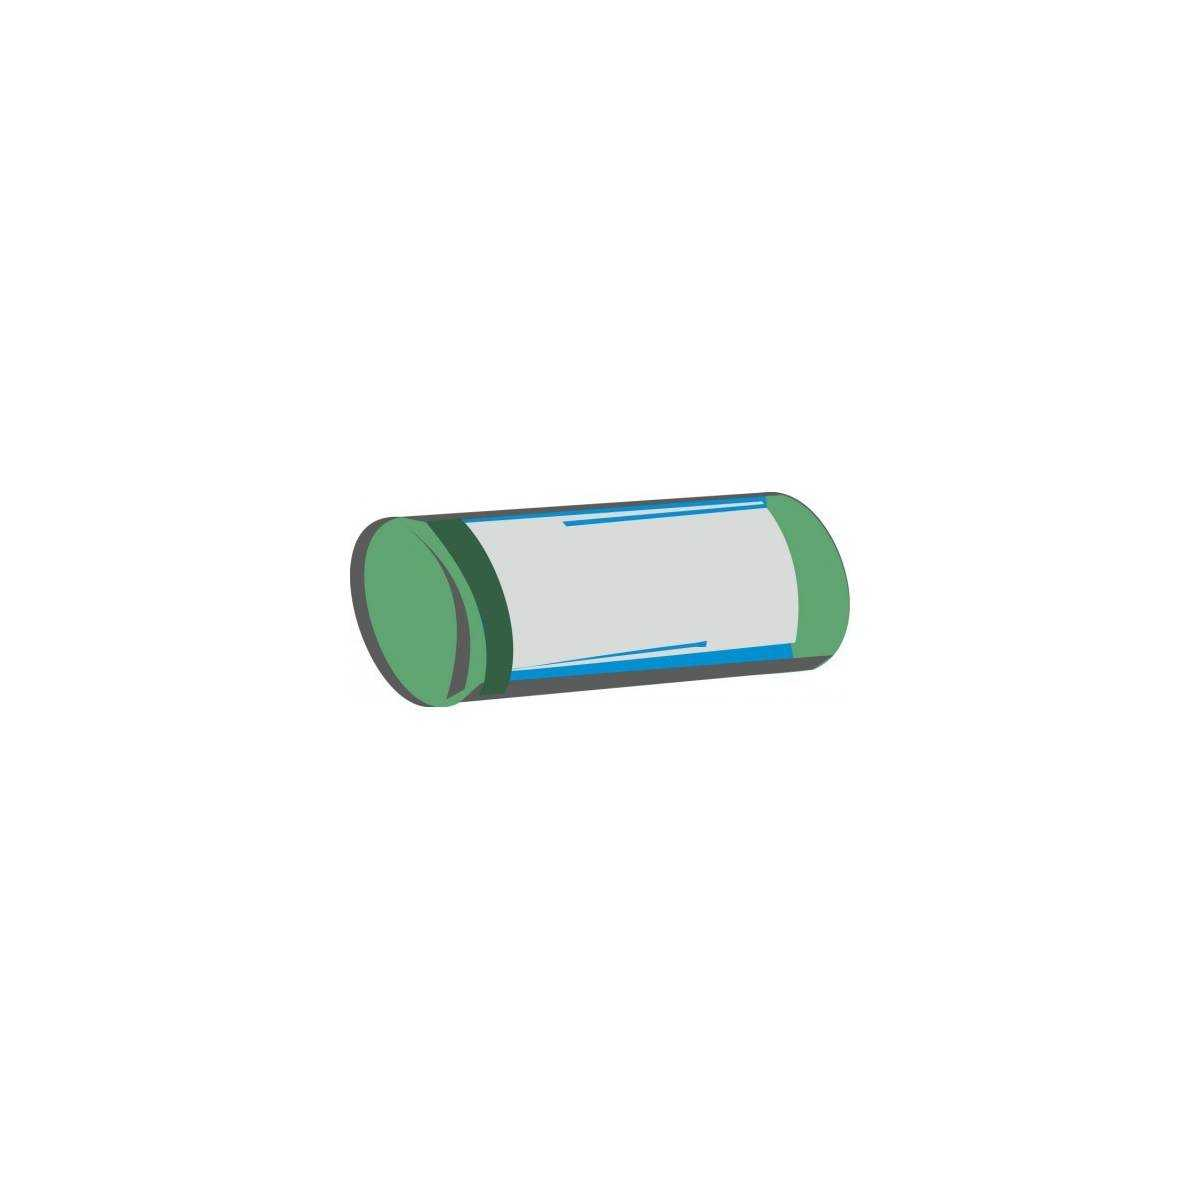 Мешки для мусора полиэтиленовые 60л ЧИСТОТА ТА БЛИСК (Зеленые) M301G Атма